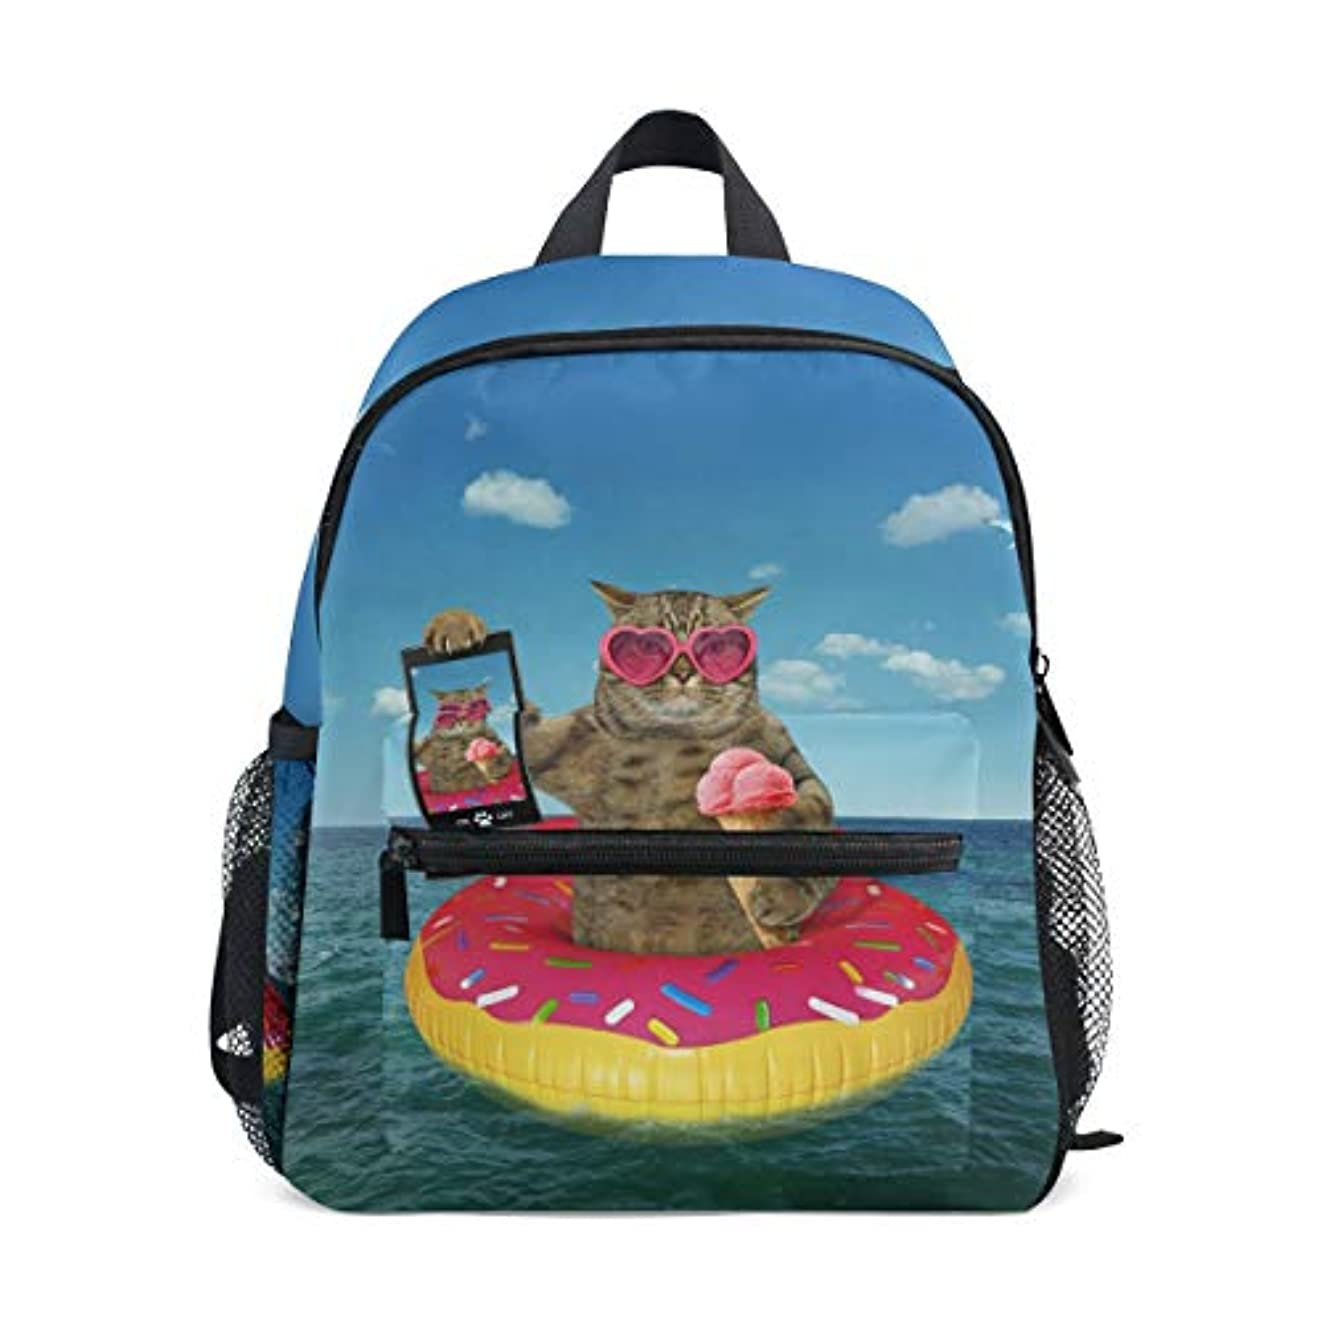 群衆ドール一般化するVAWA キッズリュック 子供用 リュックサック おしゃれ かわいい 猫柄 面白い 海 泳ぎの猫 軽量 キッズバッグ 女の子 大容量 防水 小学生 アウトドア 通学 通園